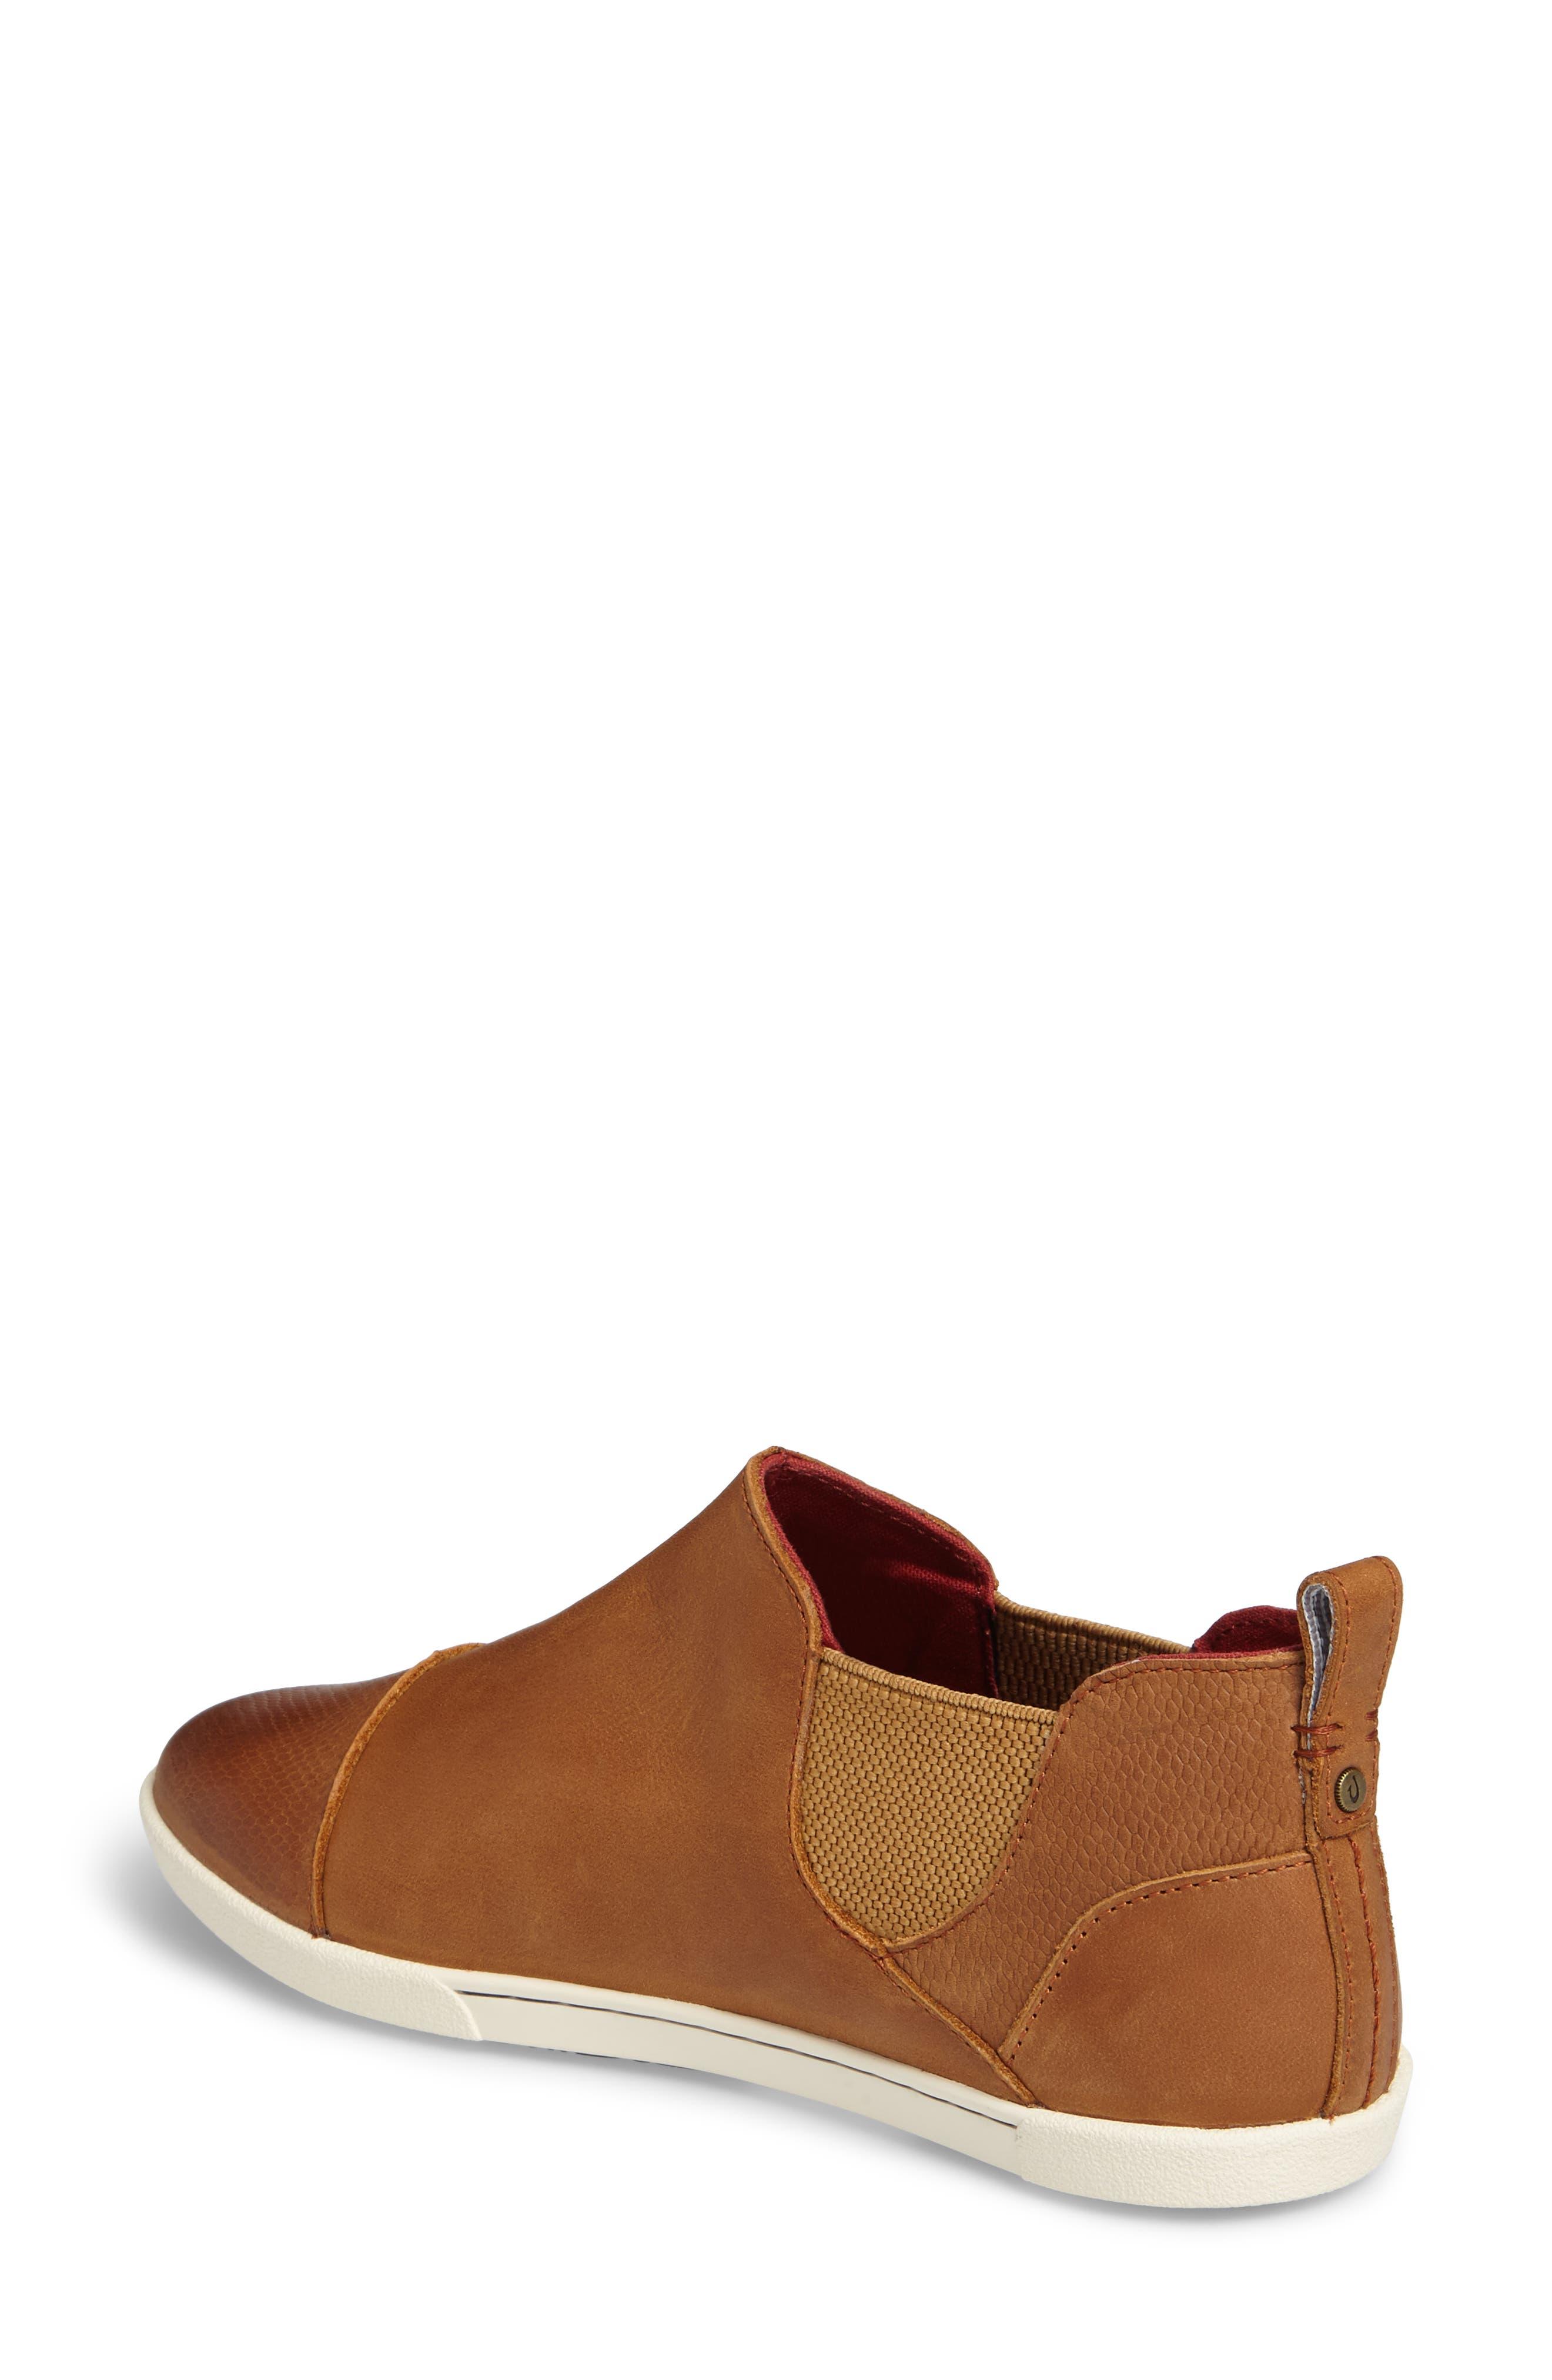 Waipahe Chelsea Sneaker,                             Alternate thumbnail 6, color,